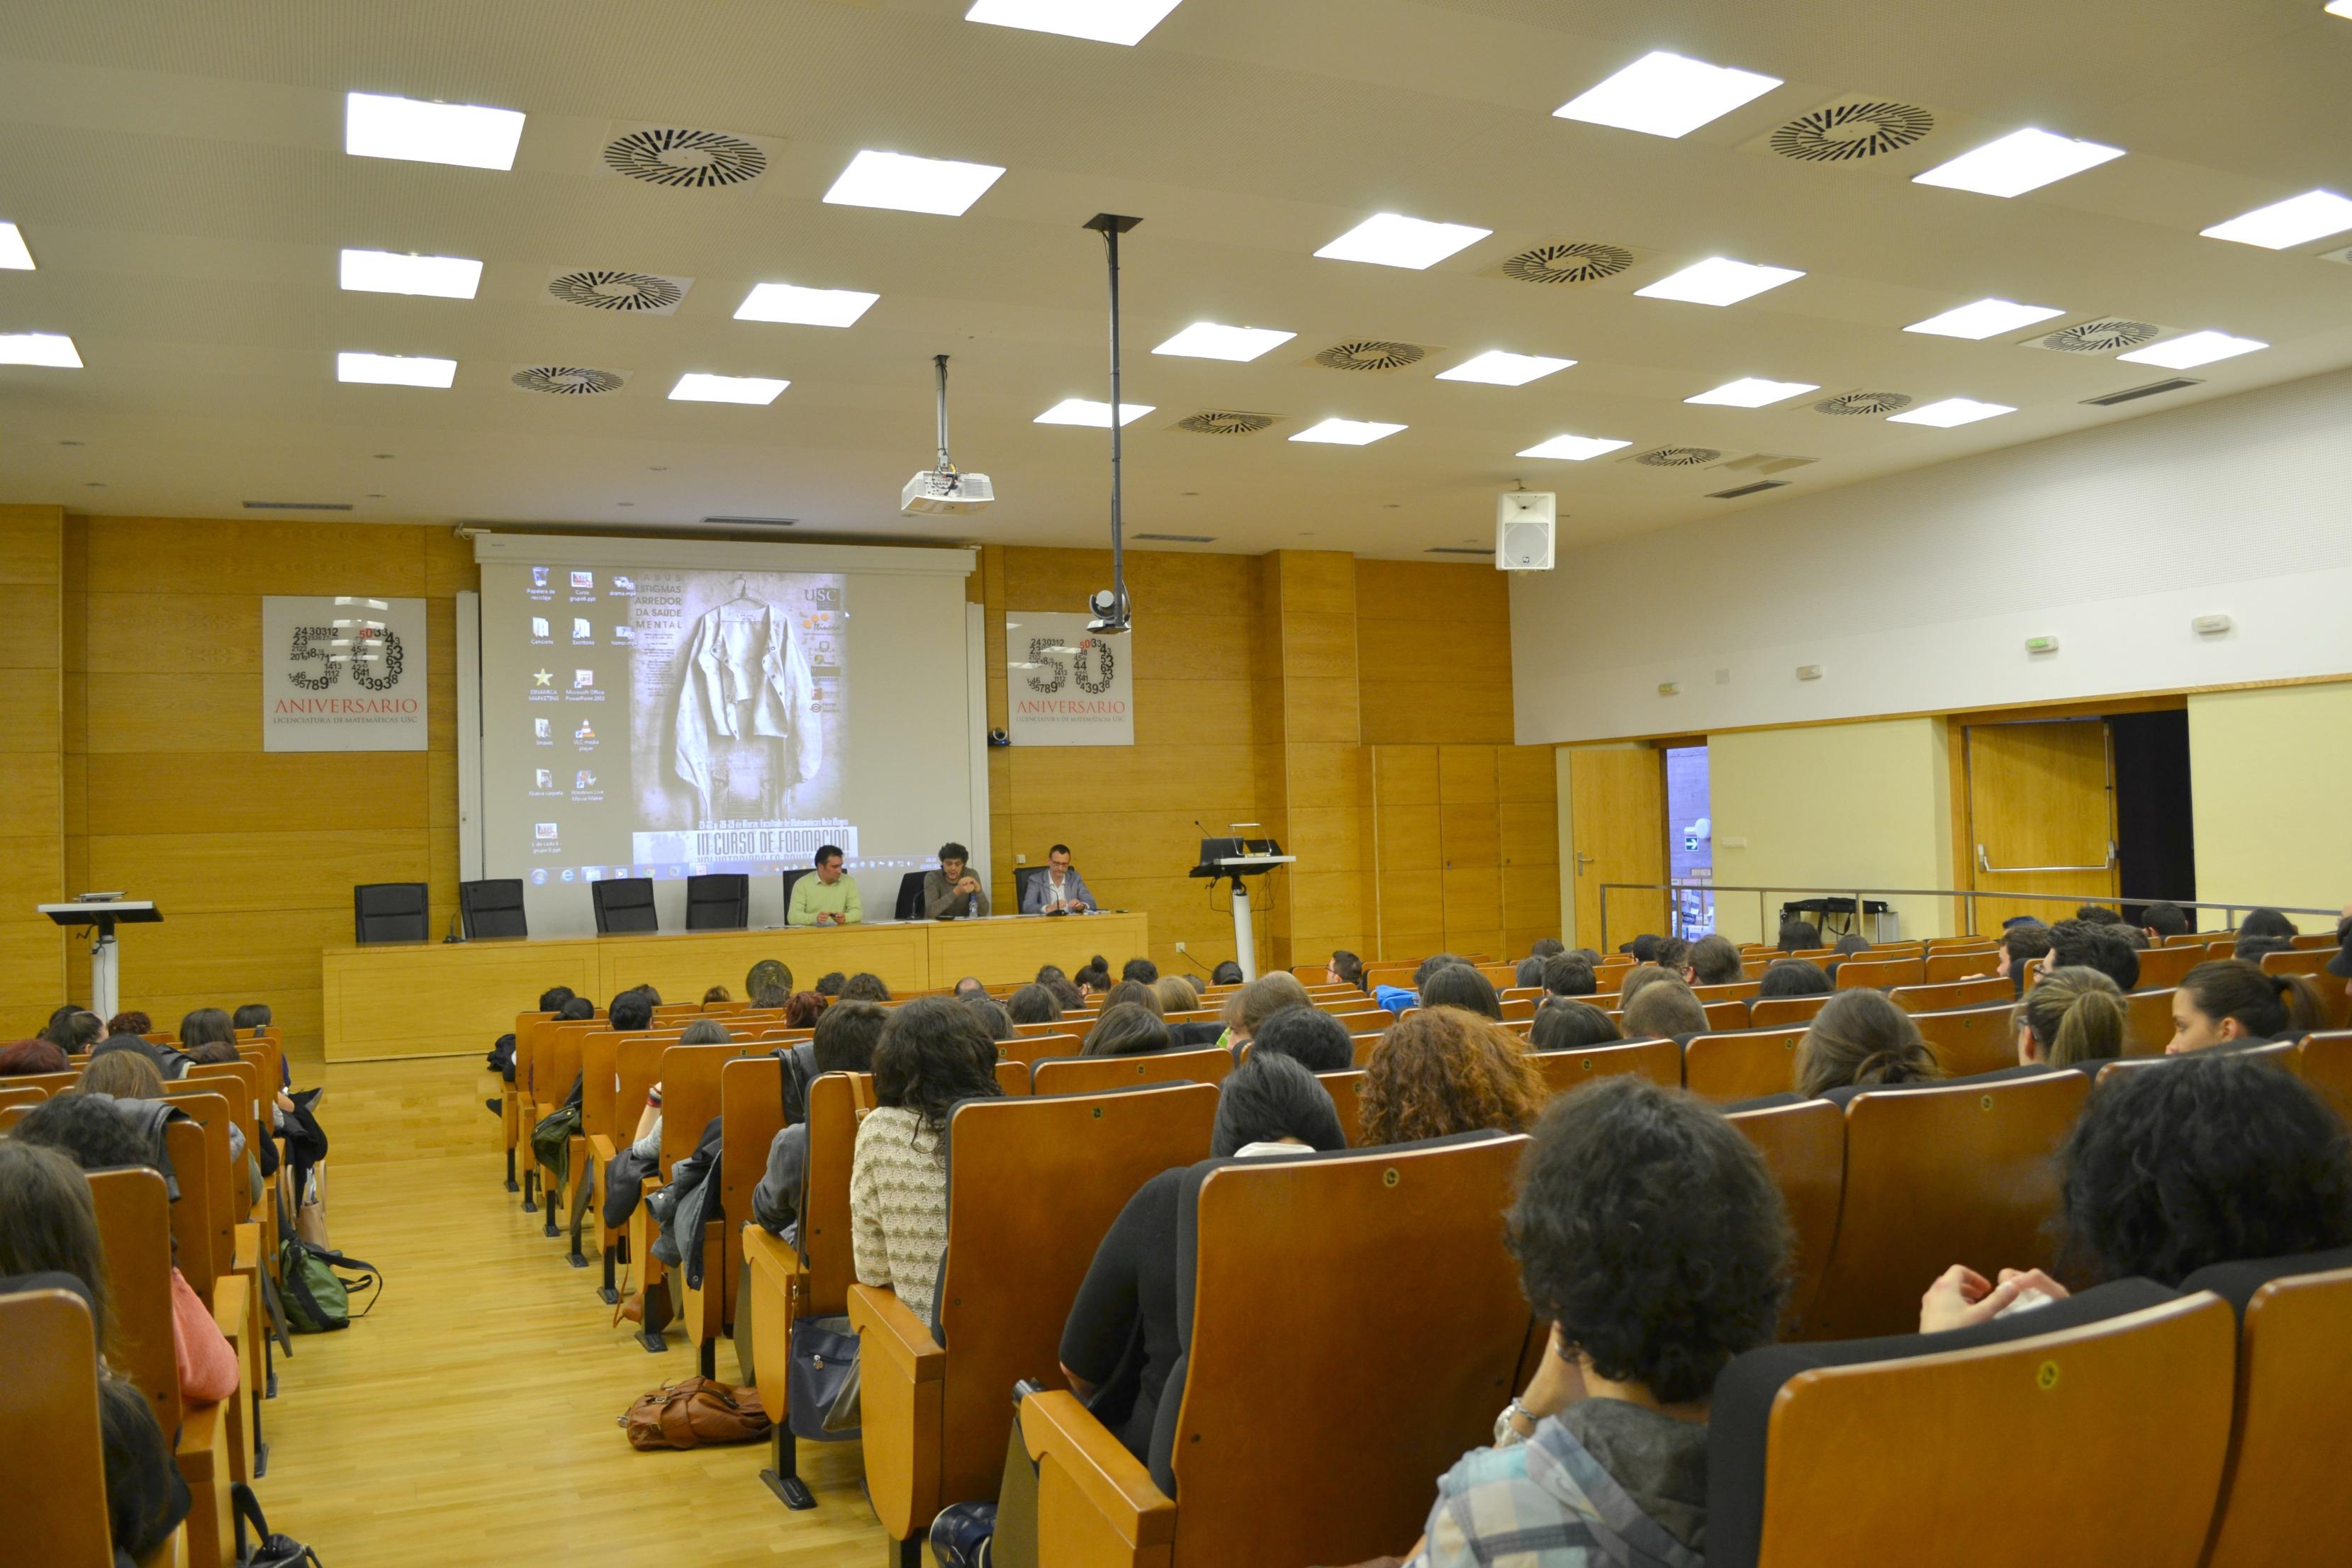 El Aula Magna de la Facultad de Matemáticas, donde se celebró el curso de formación | ©Andrea Oca